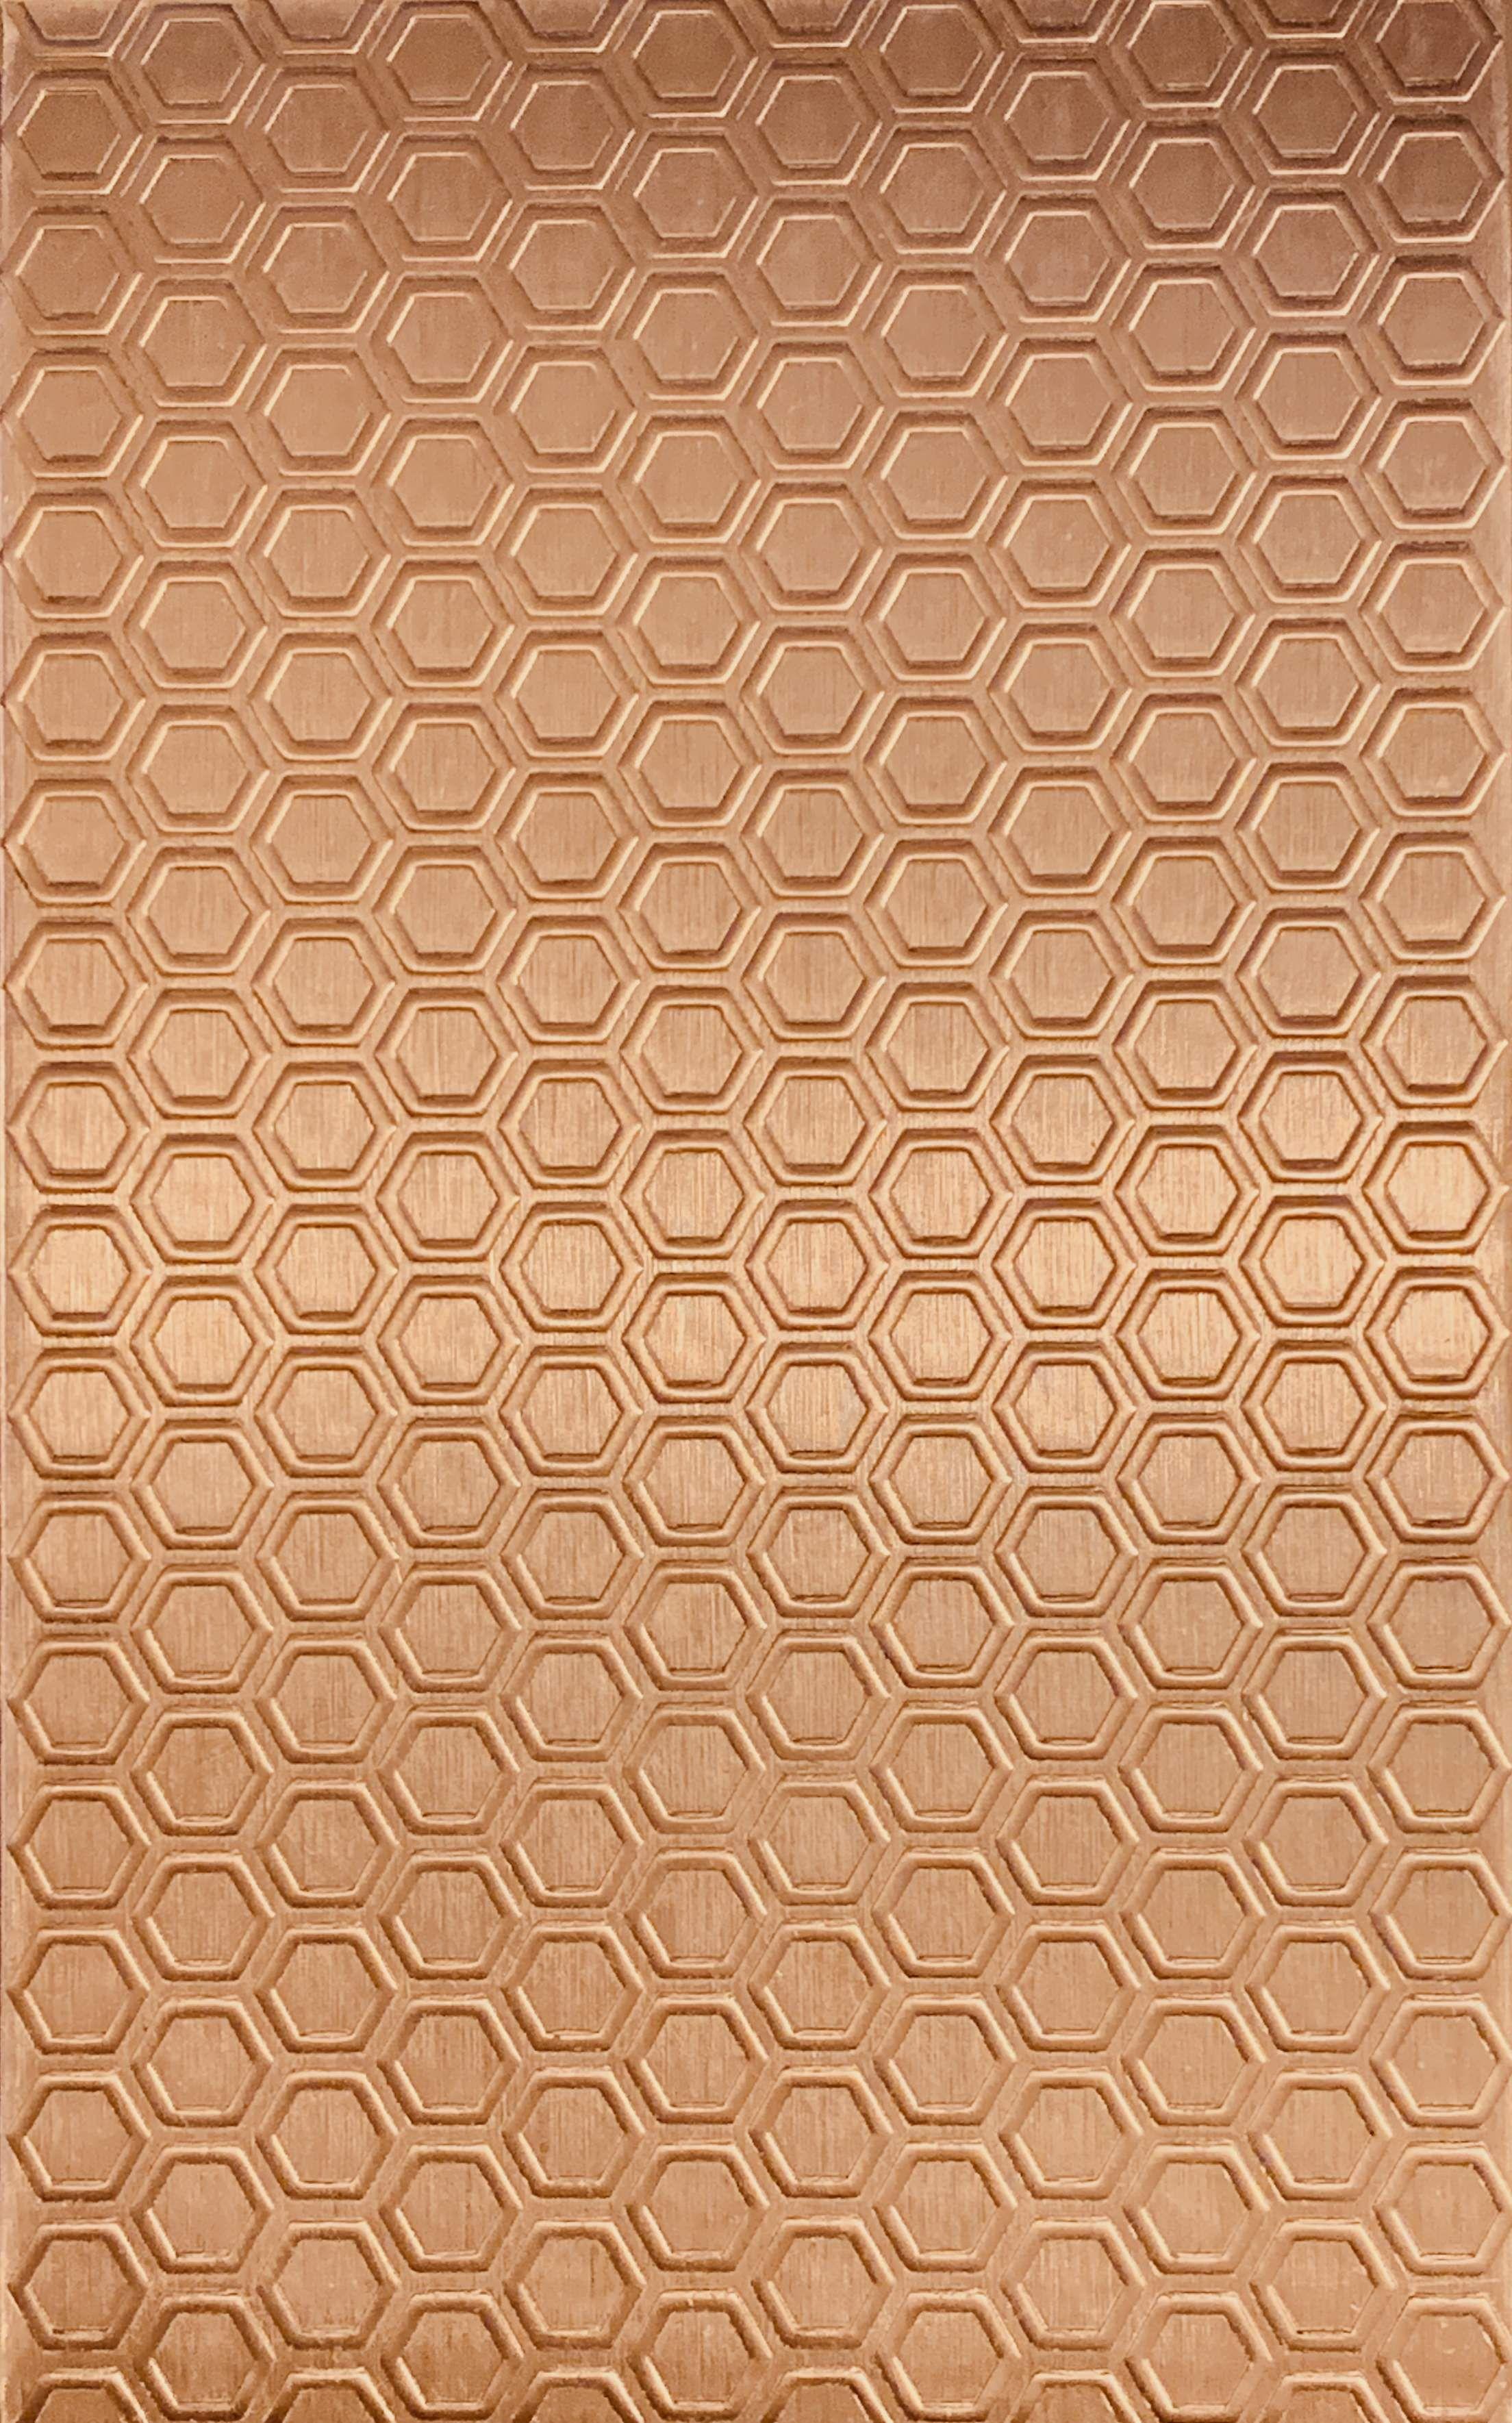 Honeycomb Copper Pattern Pressing 2 1 2 X 4 Metal Maven Focal Pieces Copper Metal